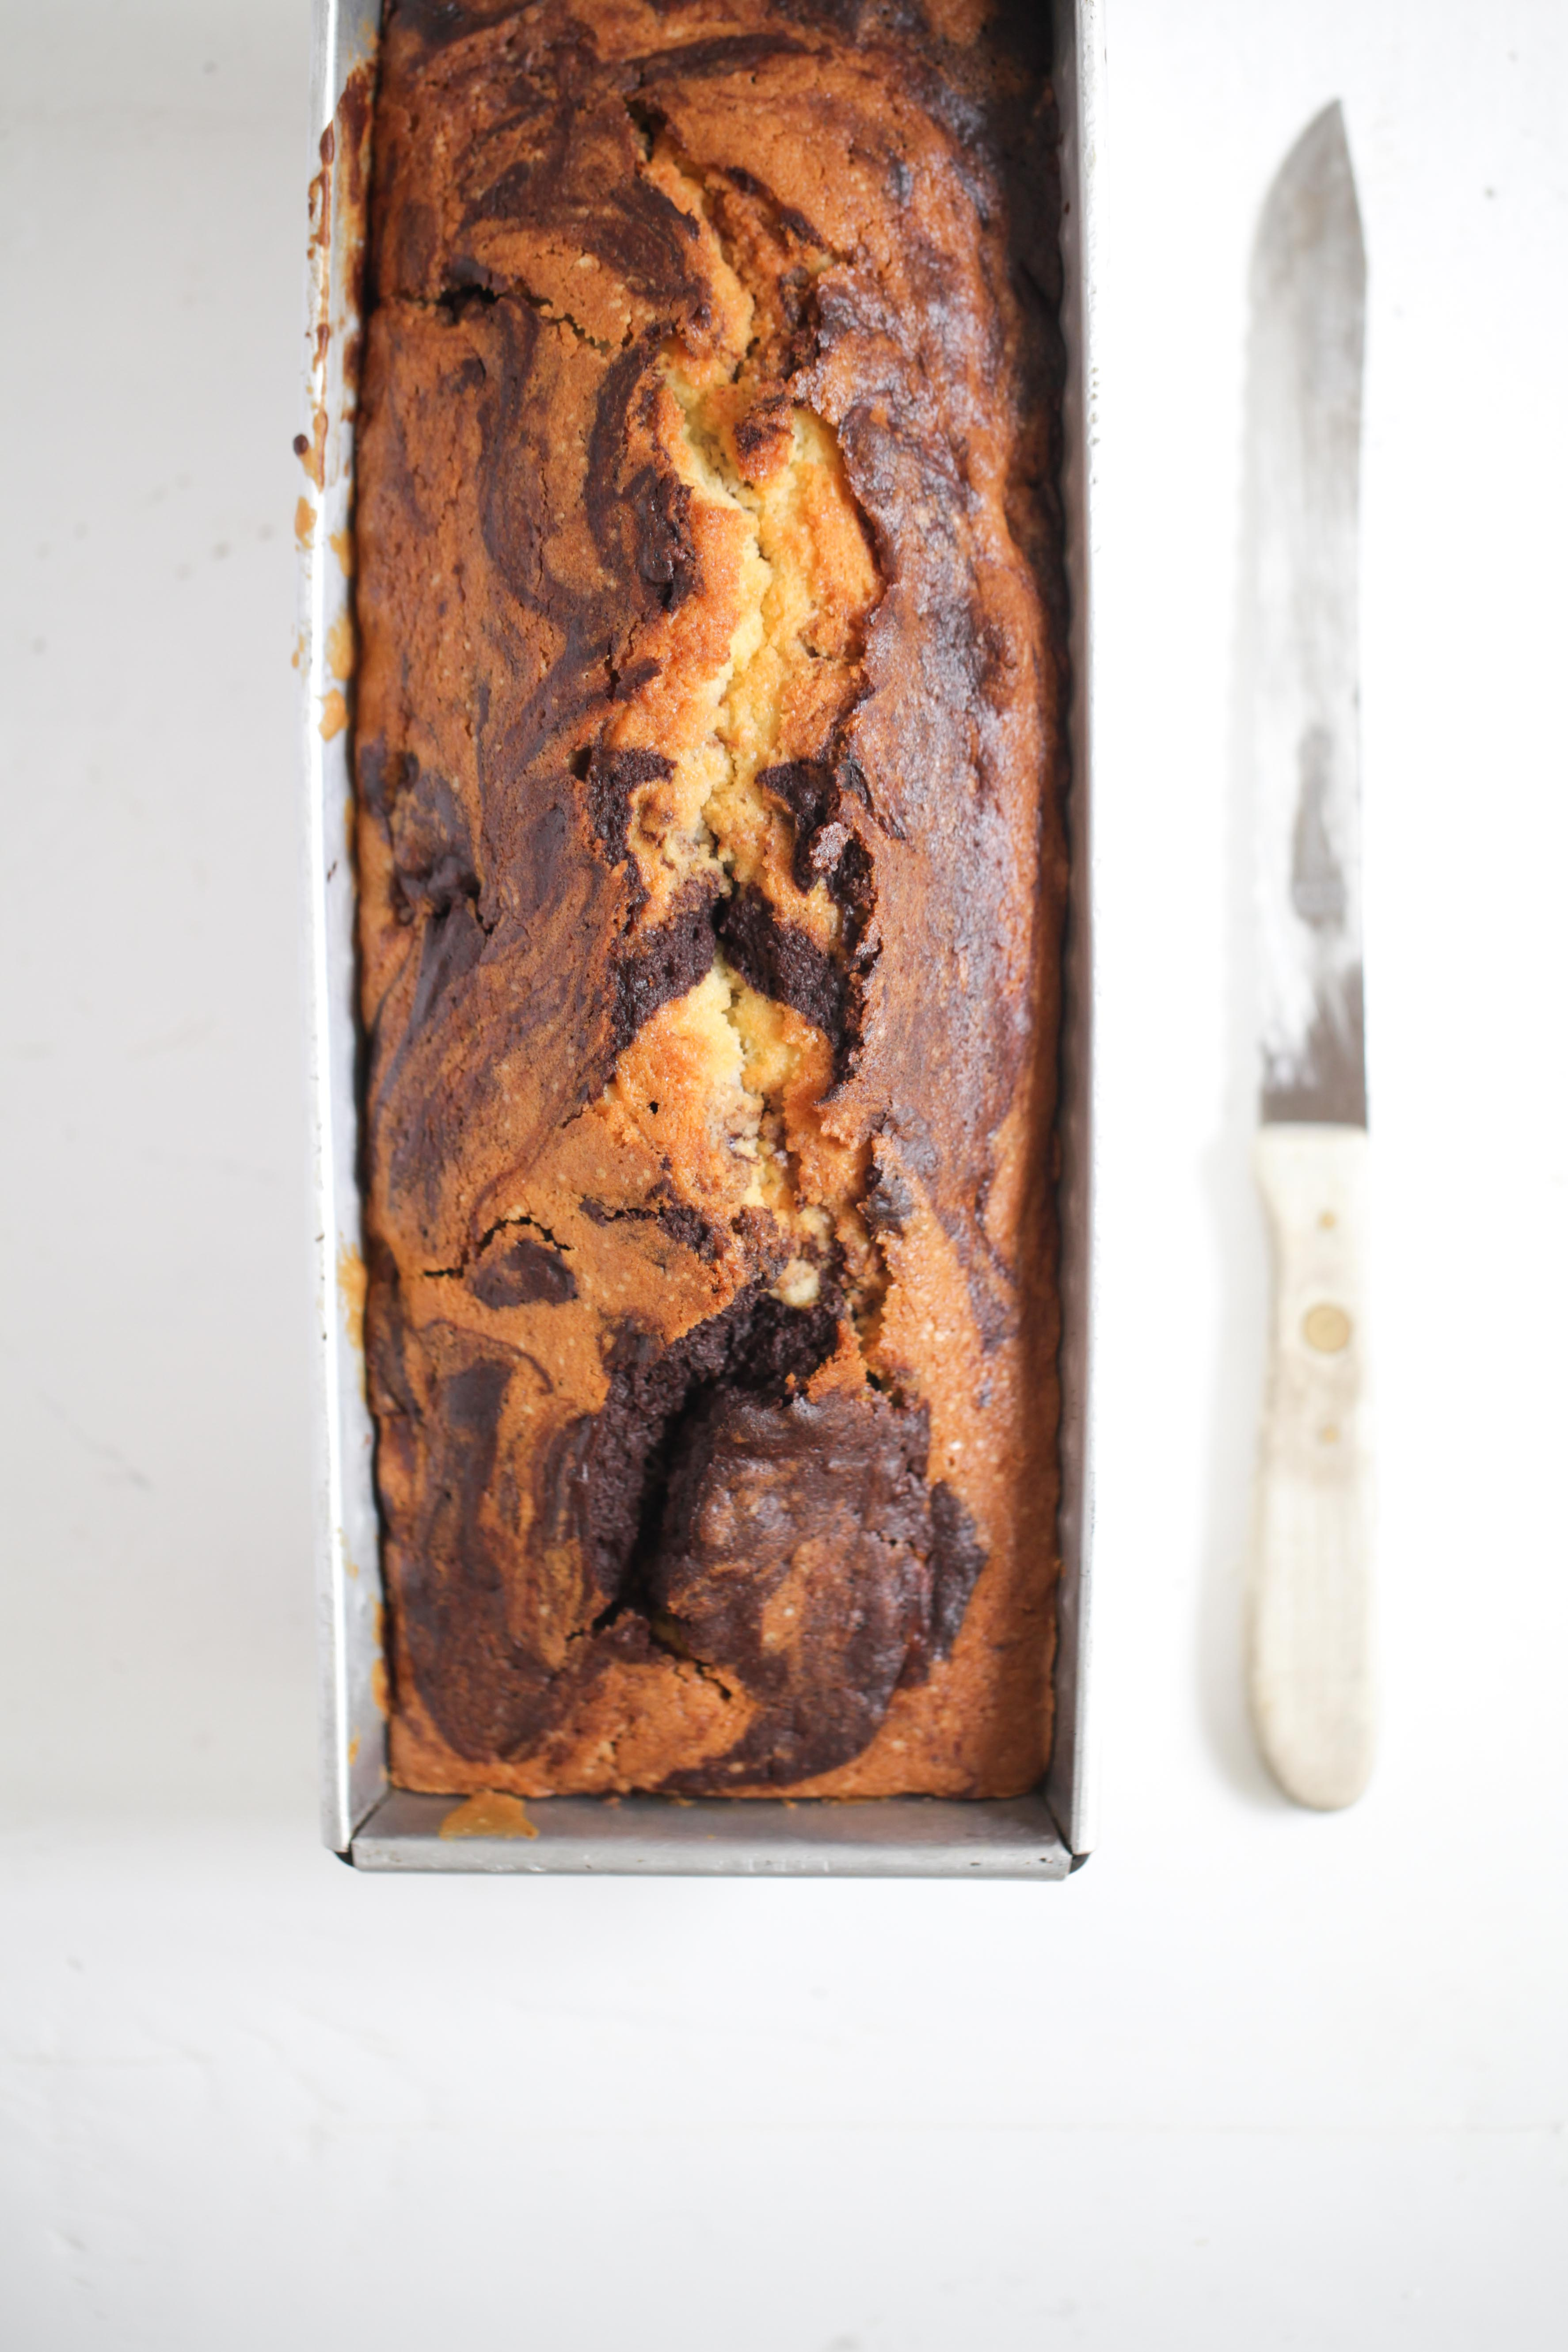 Zuckerzimtundliebe Rezept Rote Grütze Marmorkuchen Kirschgrütze Backrezept Kastenkuchen Kastenform Sandkuchen saftiges Kuchenrezept-2